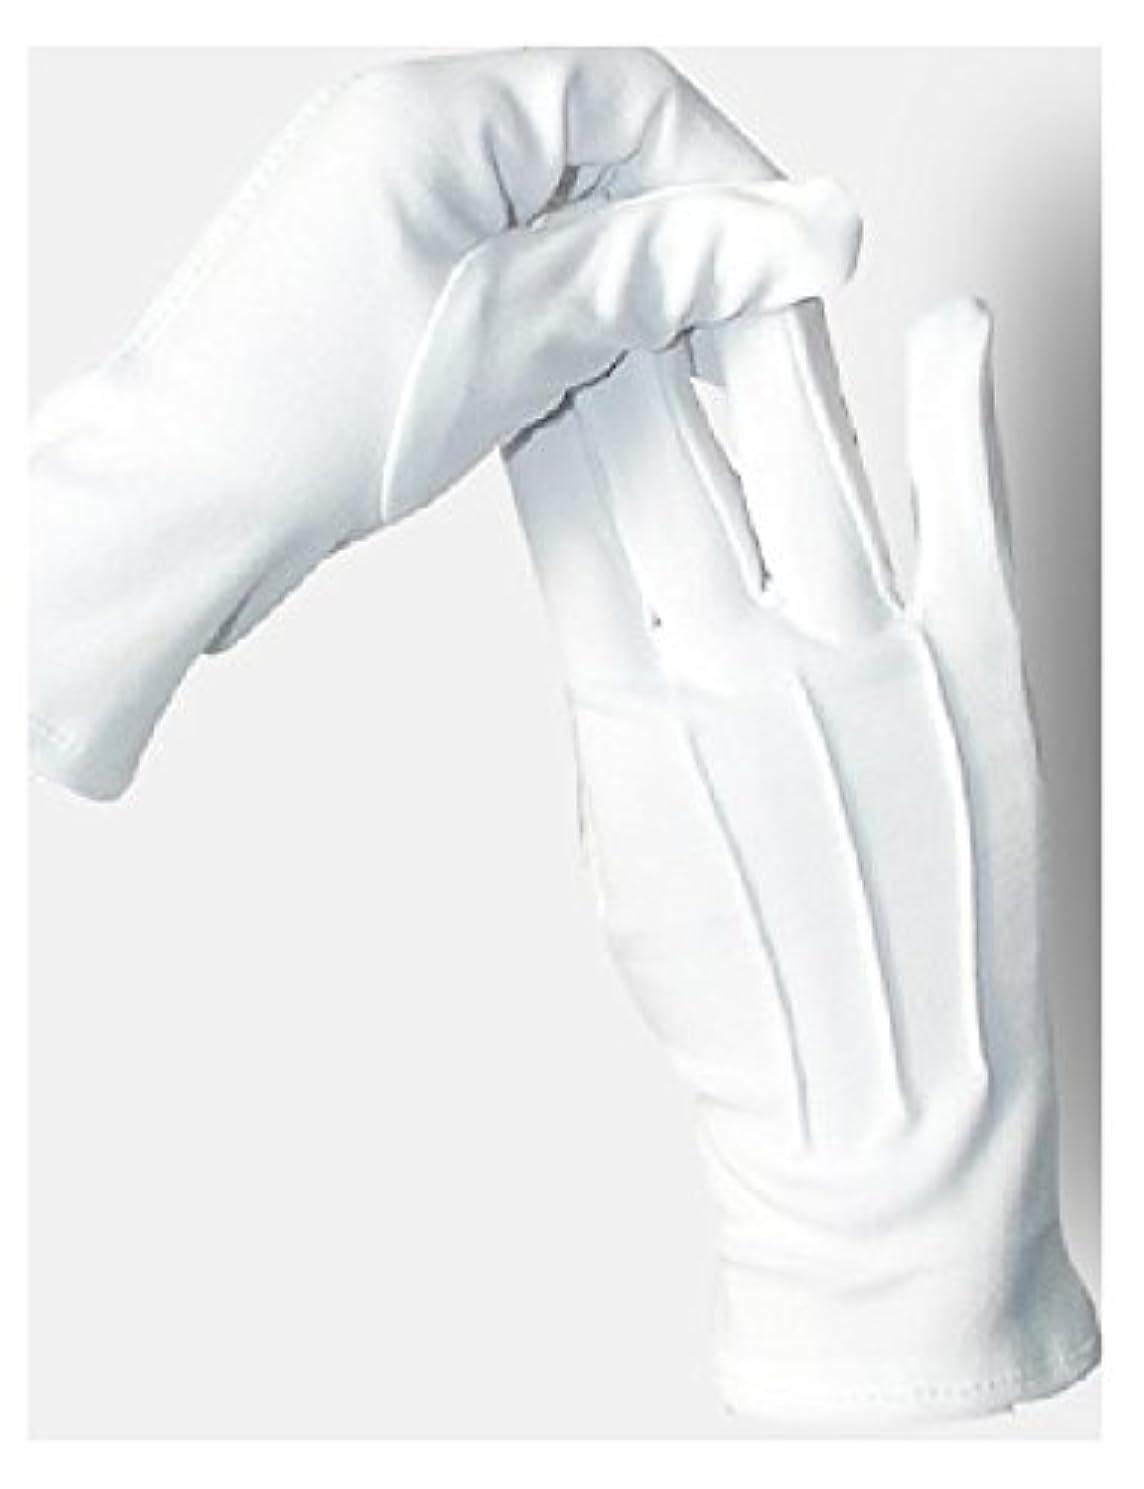 理解するチキン不十分な5双セット ナイロン 手袋 白 婦人 紳士 水洗い可 スリット無し (紳士)